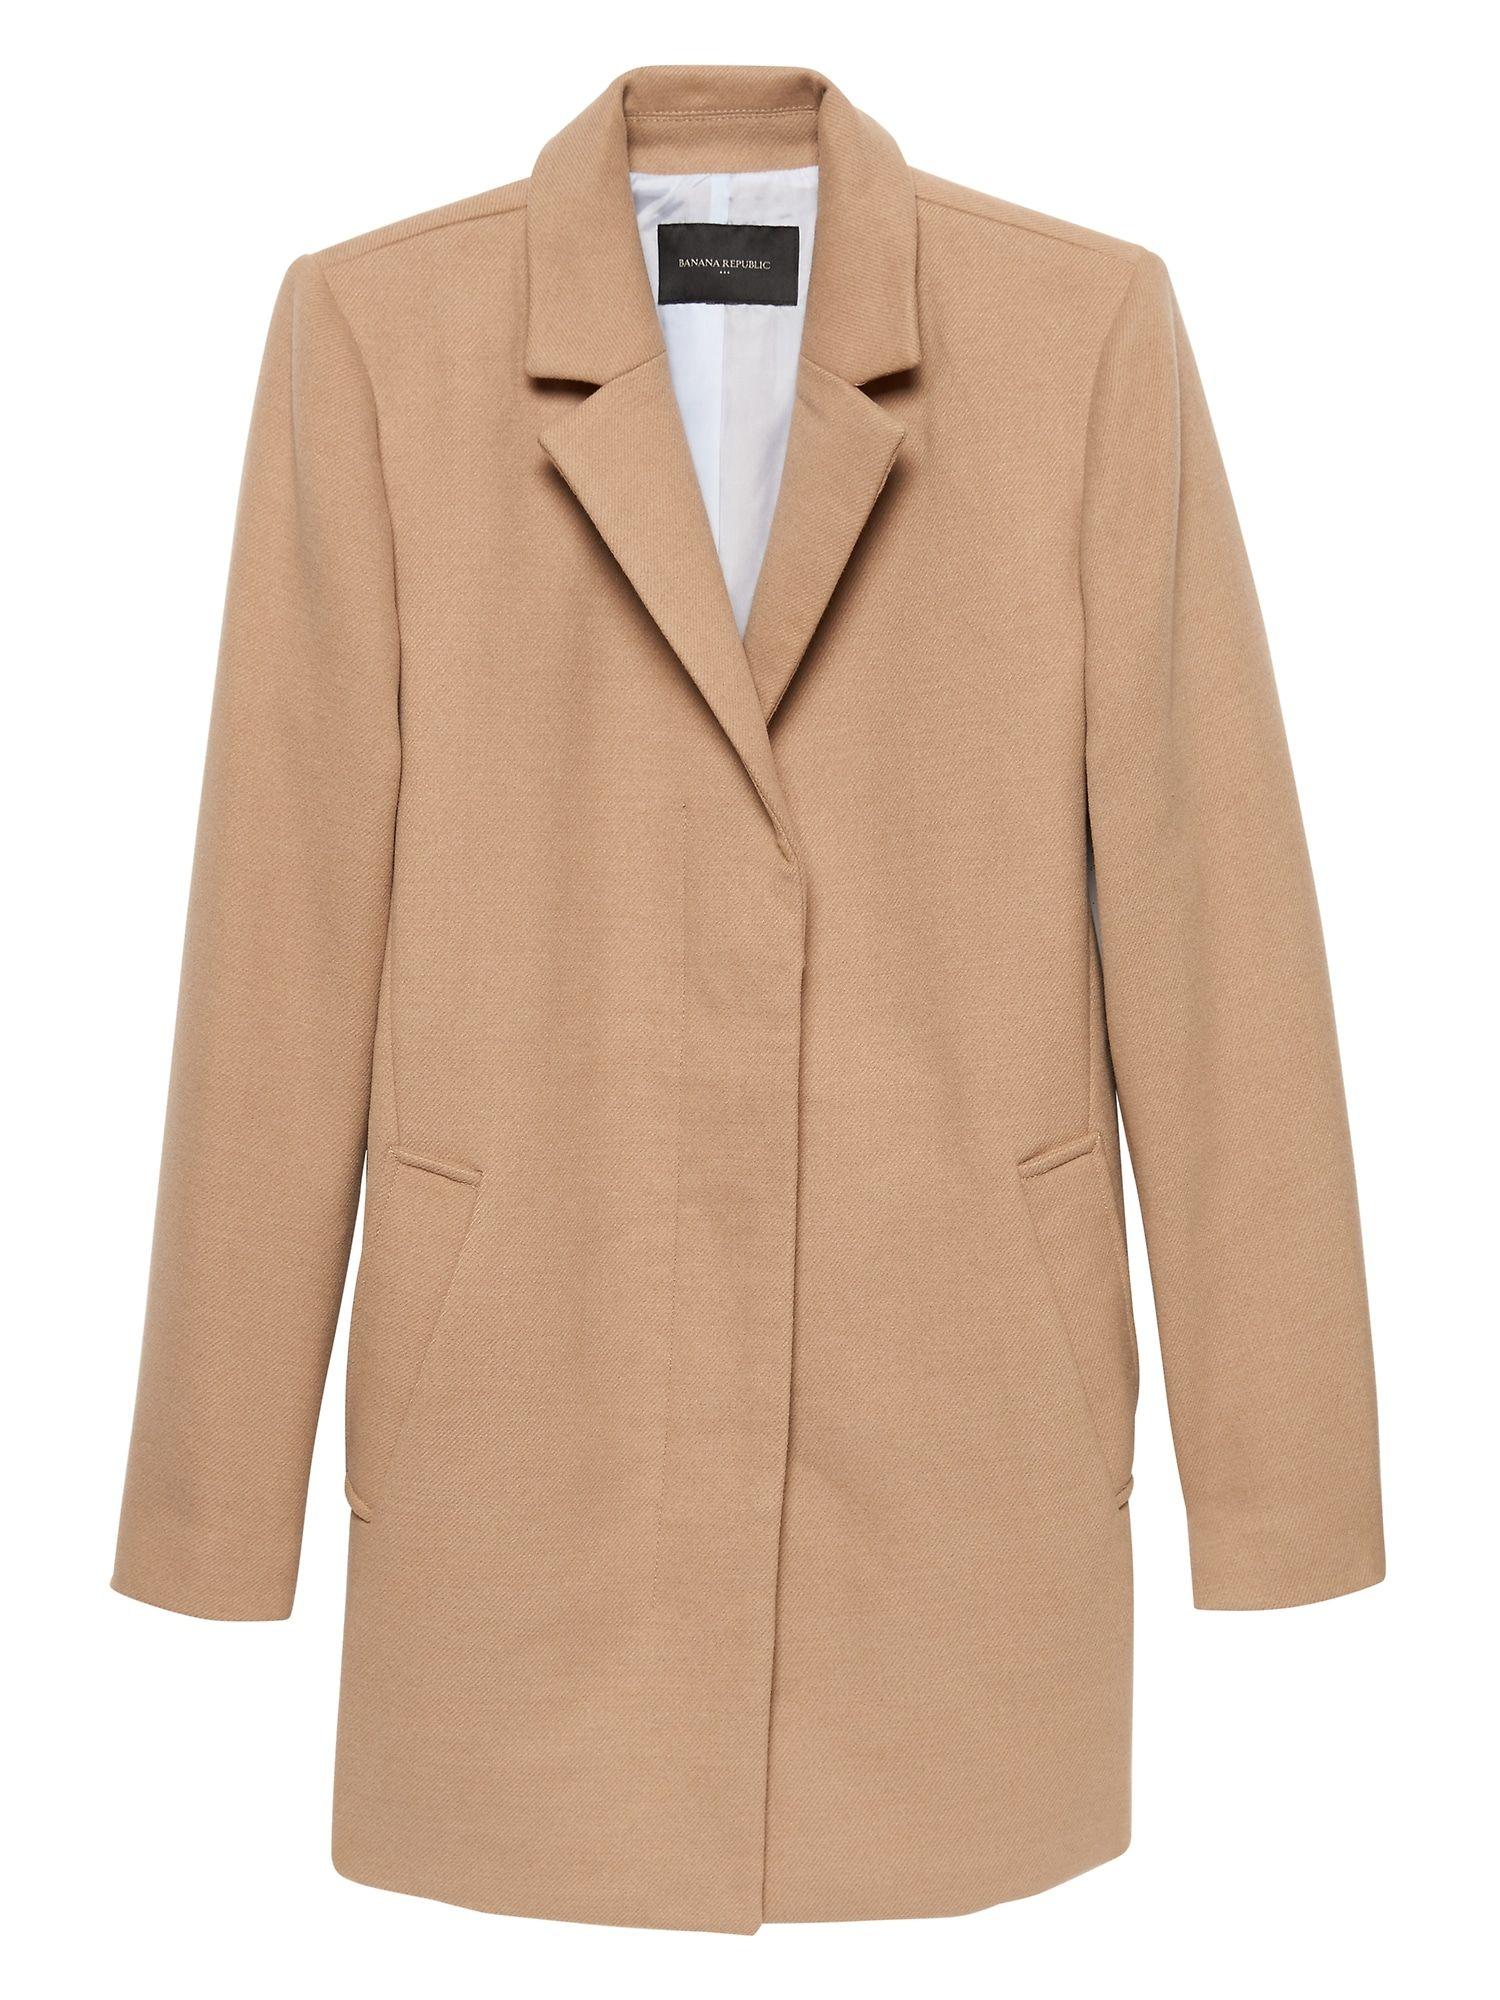 Petite Doublecloth Top Coat Banana Republic Factory Fashion Outerwear Women S Blazer [ 2000 x 1500 Pixel ]